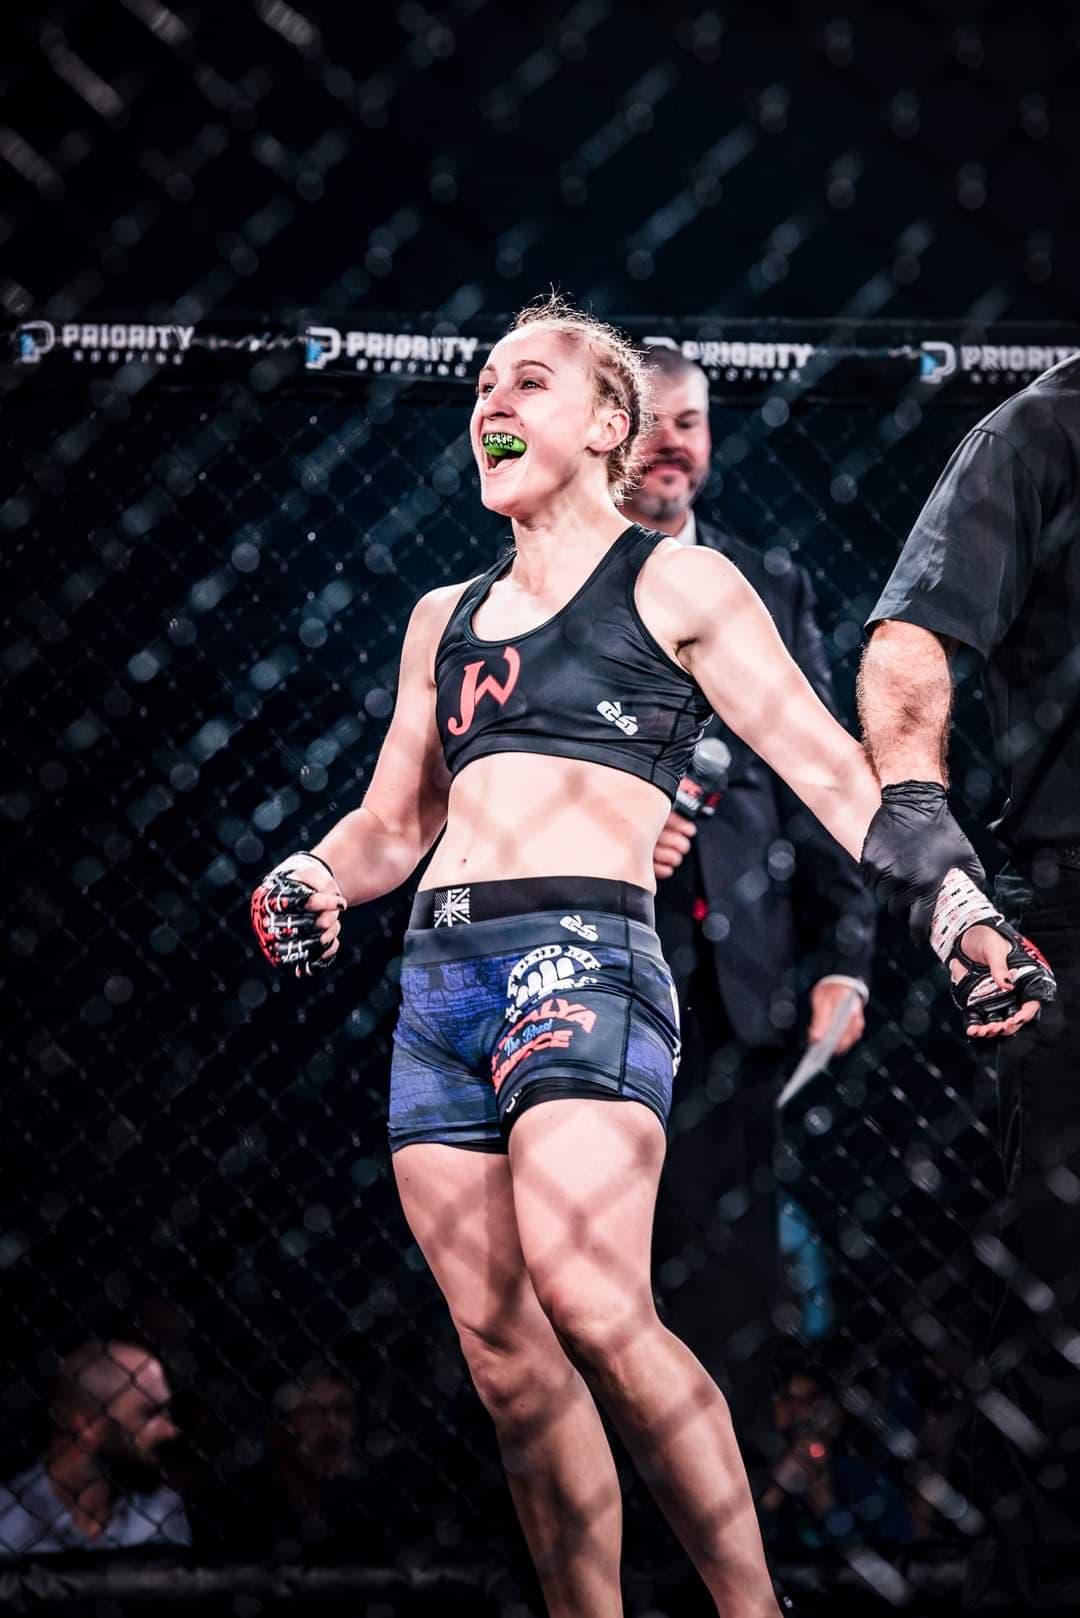 ACA 14, Natalya Speece wins by first-round TKO